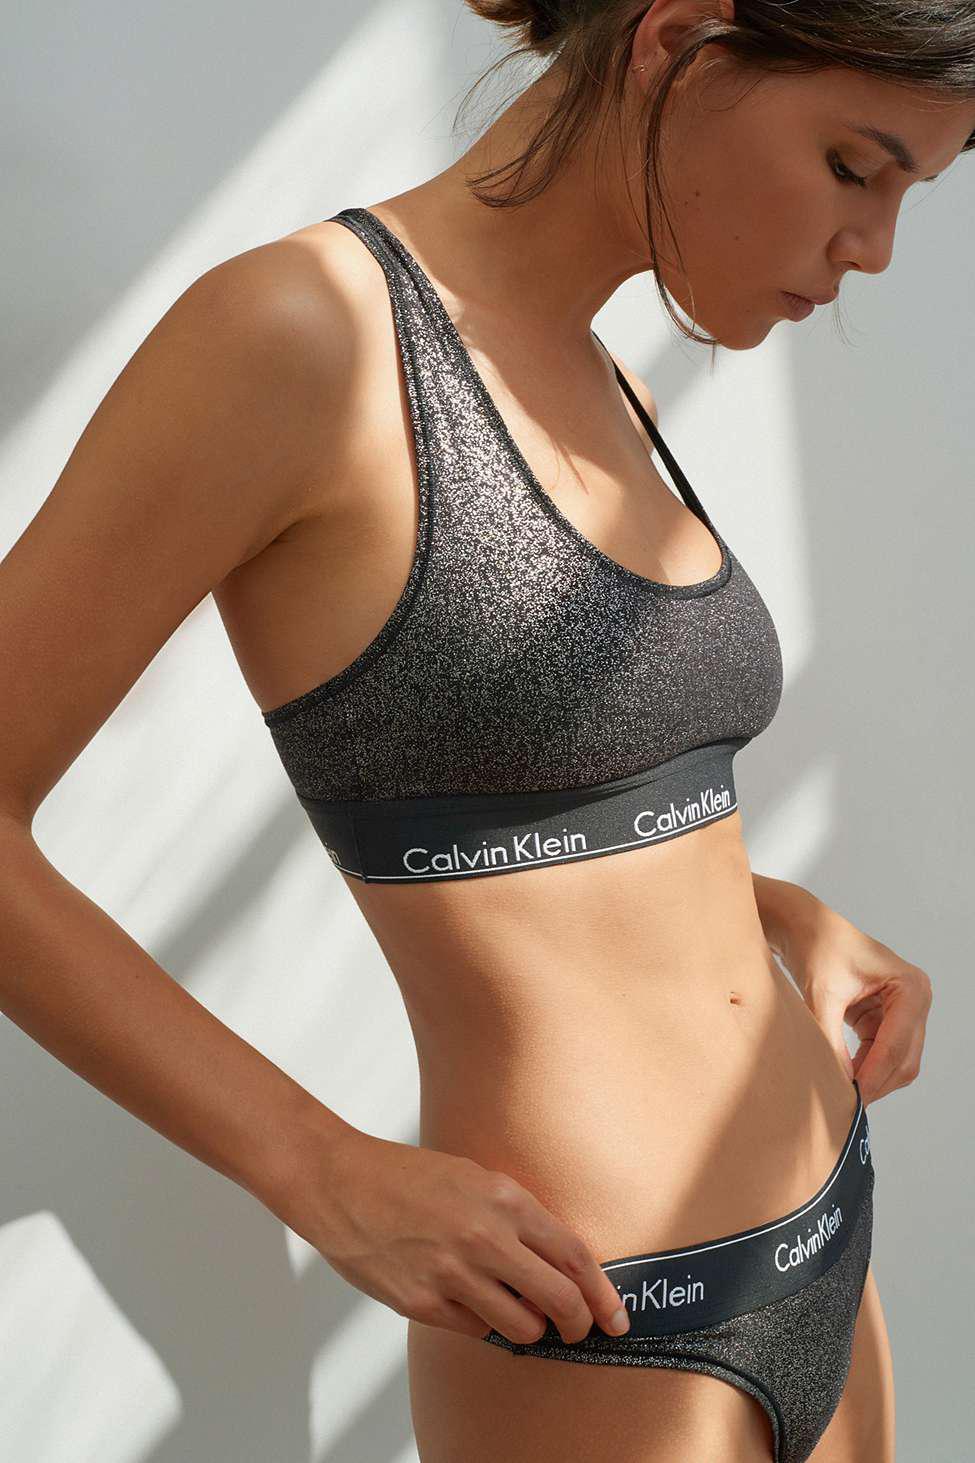 dc13aede5c467 Calvin Klein Modern Cotton Racerback Bralette - Womens M in Black - Lyst